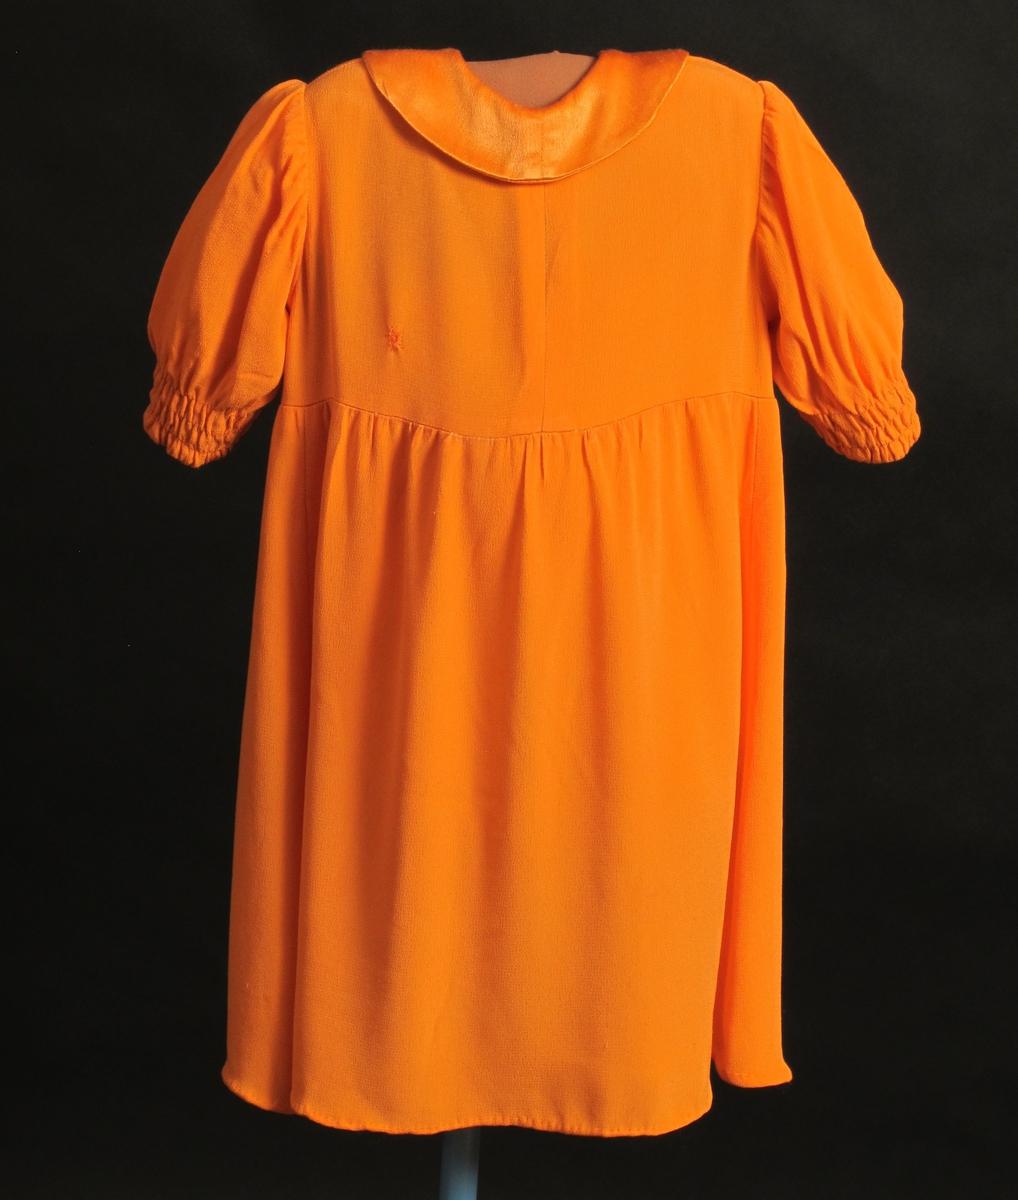 Barnekjole av silke, chepe de chine. Orange.  Maskinsøm. Sydd med hvit tråd - det var vanskelig å skaffe sytråd i 1945. Lukkes med trykknapper.